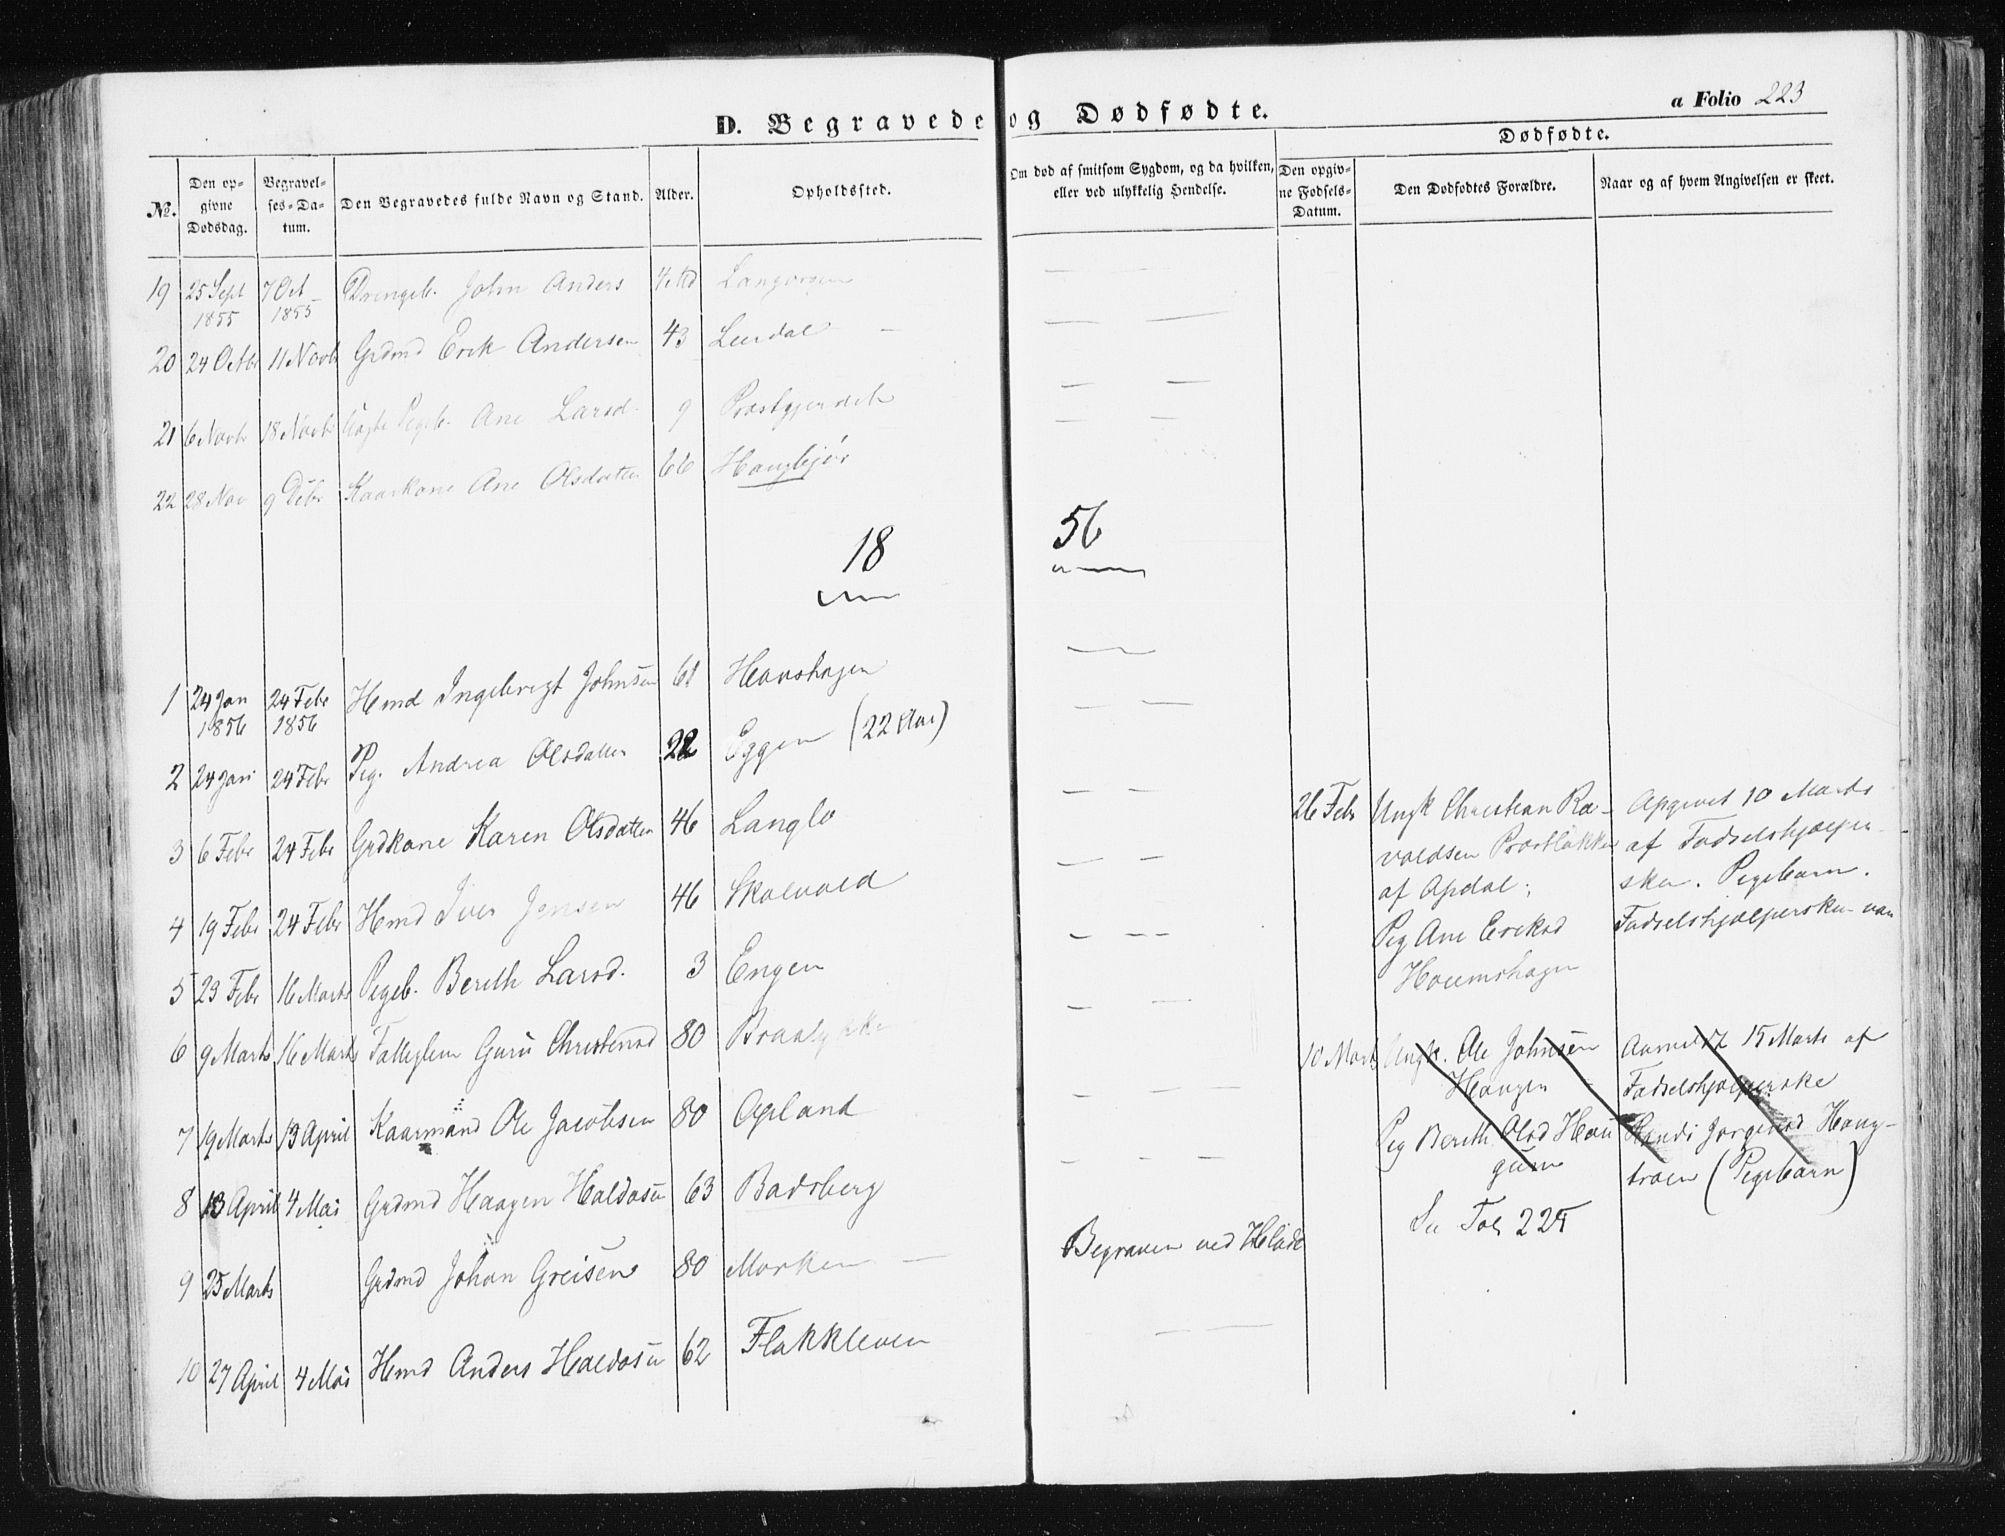 SAT, Ministerialprotokoller, klokkerbøker og fødselsregistre - Sør-Trøndelag, 612/L0376: Ministerialbok nr. 612A08, 1846-1859, s. 223